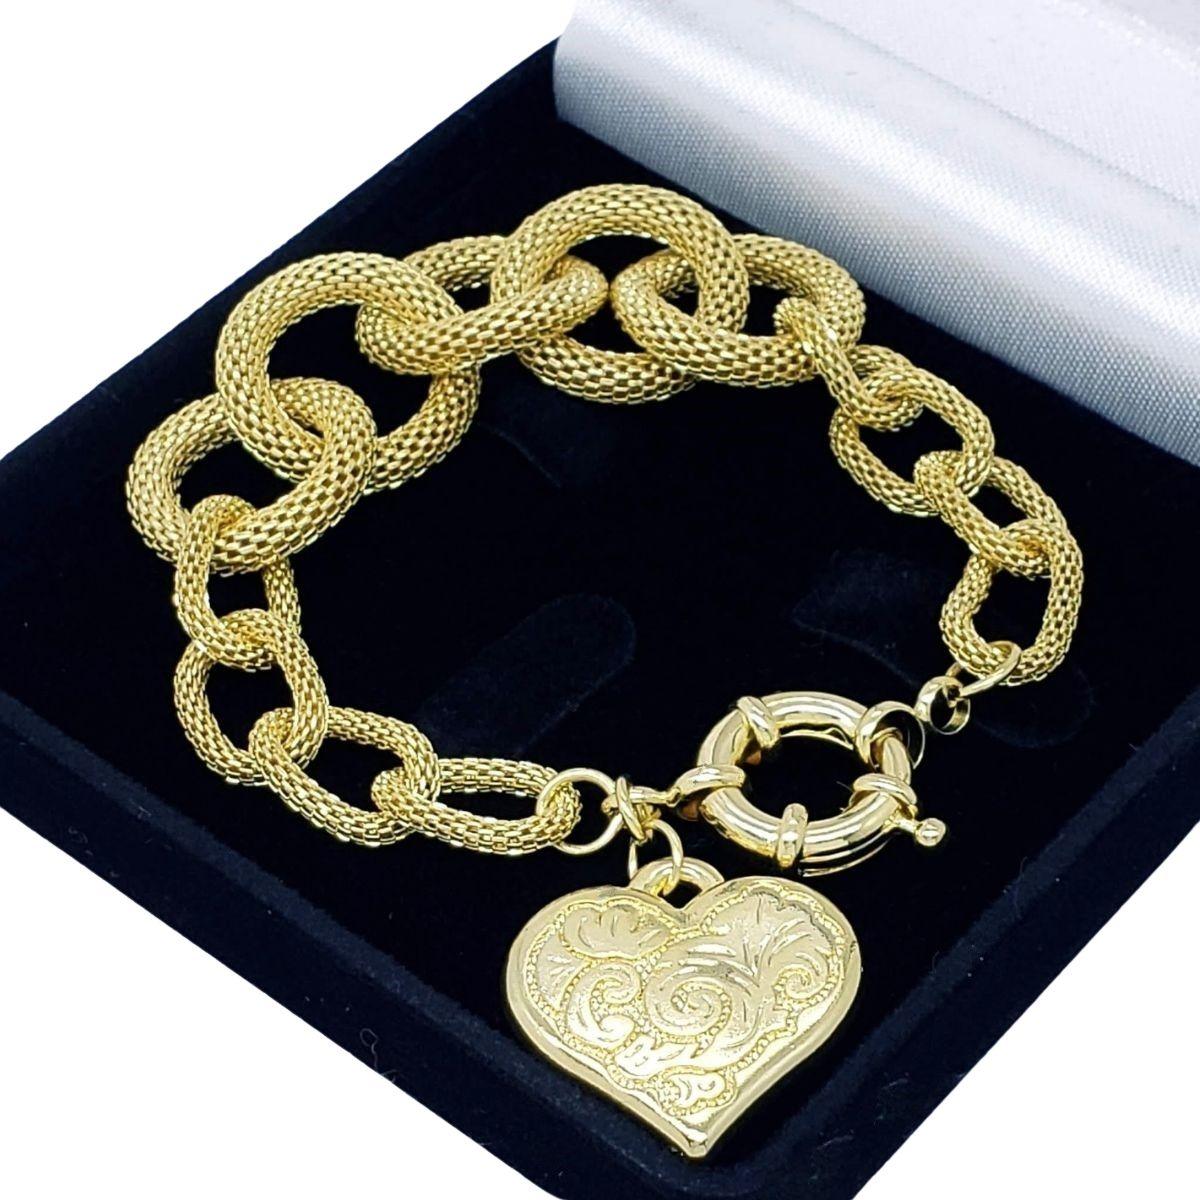 Pulseira Elos Malha Com Coração Decorado Banho de Ouro 1889B